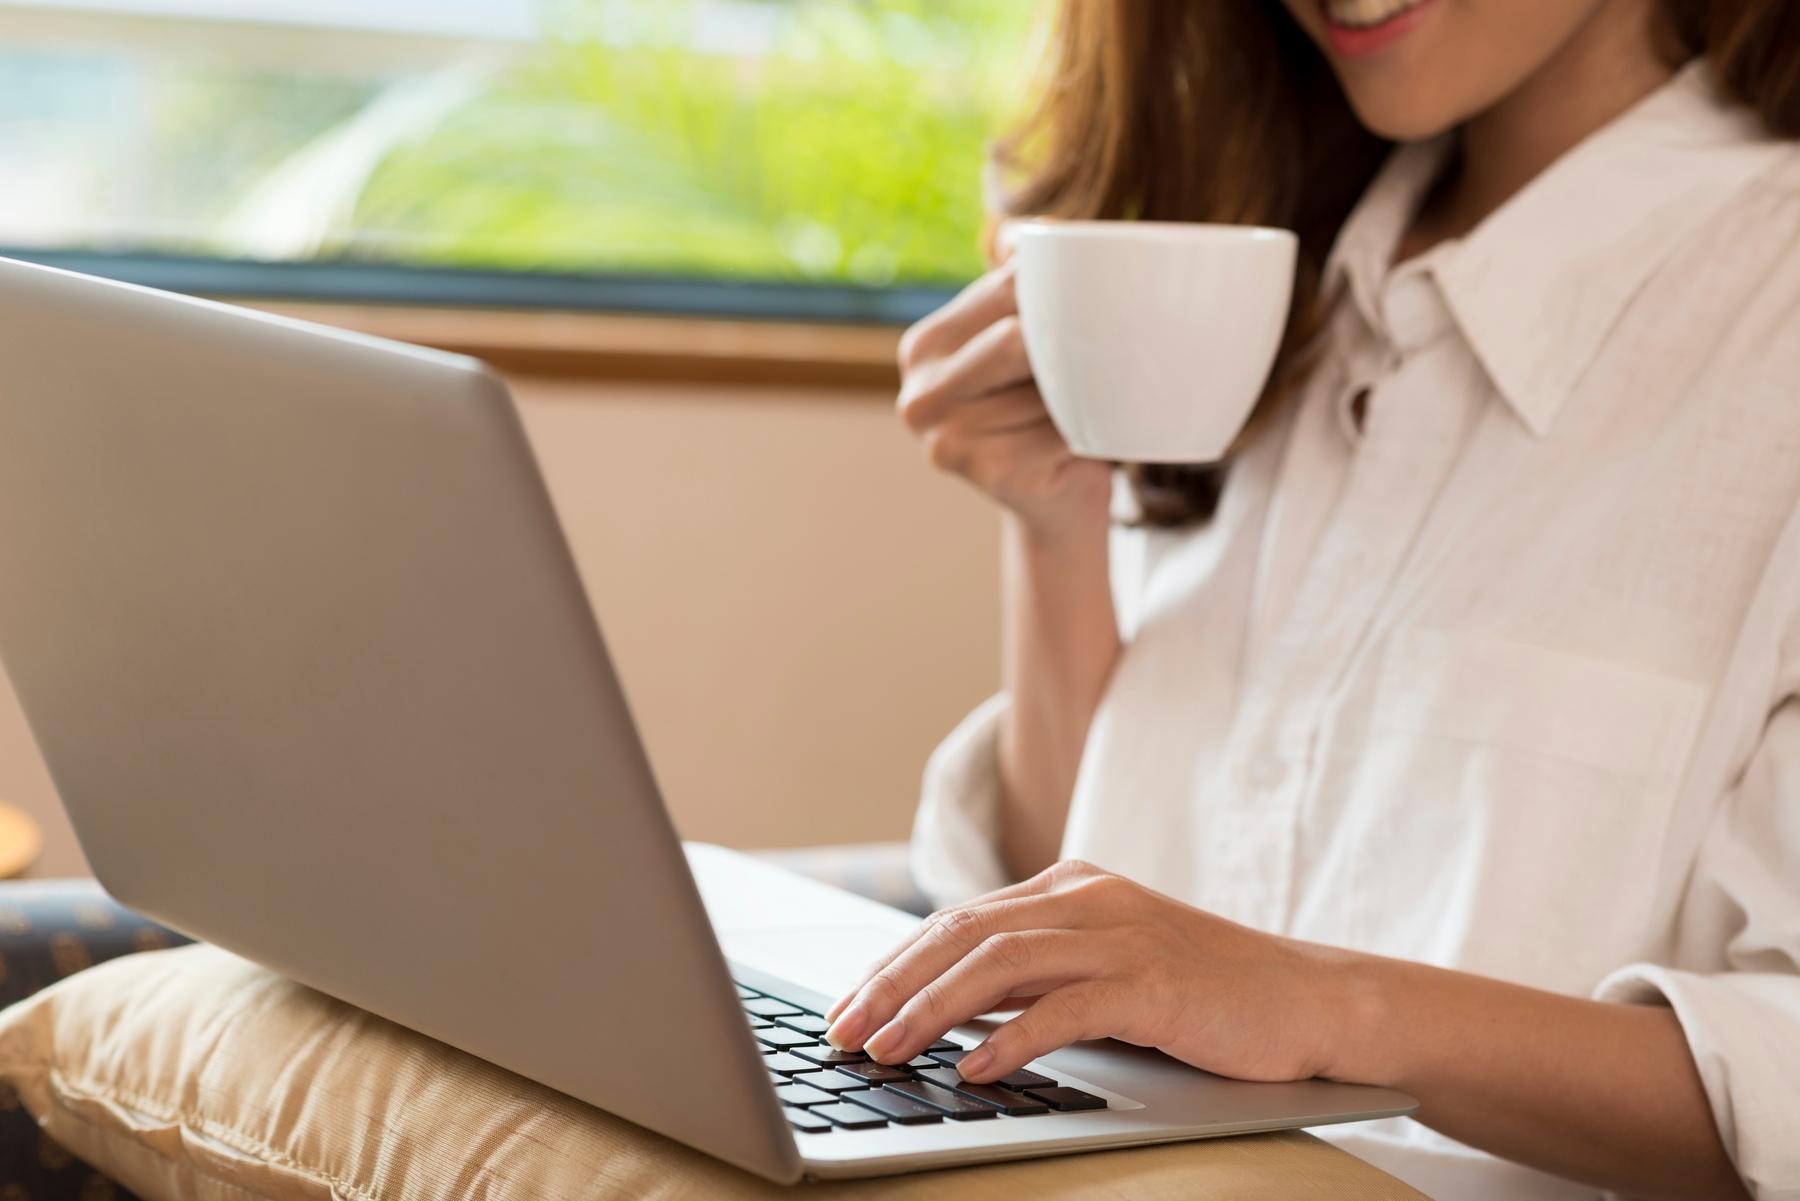 Mulher com uma xícara na mão direita, digitando com a mão esquerda no teclado de um notebook.